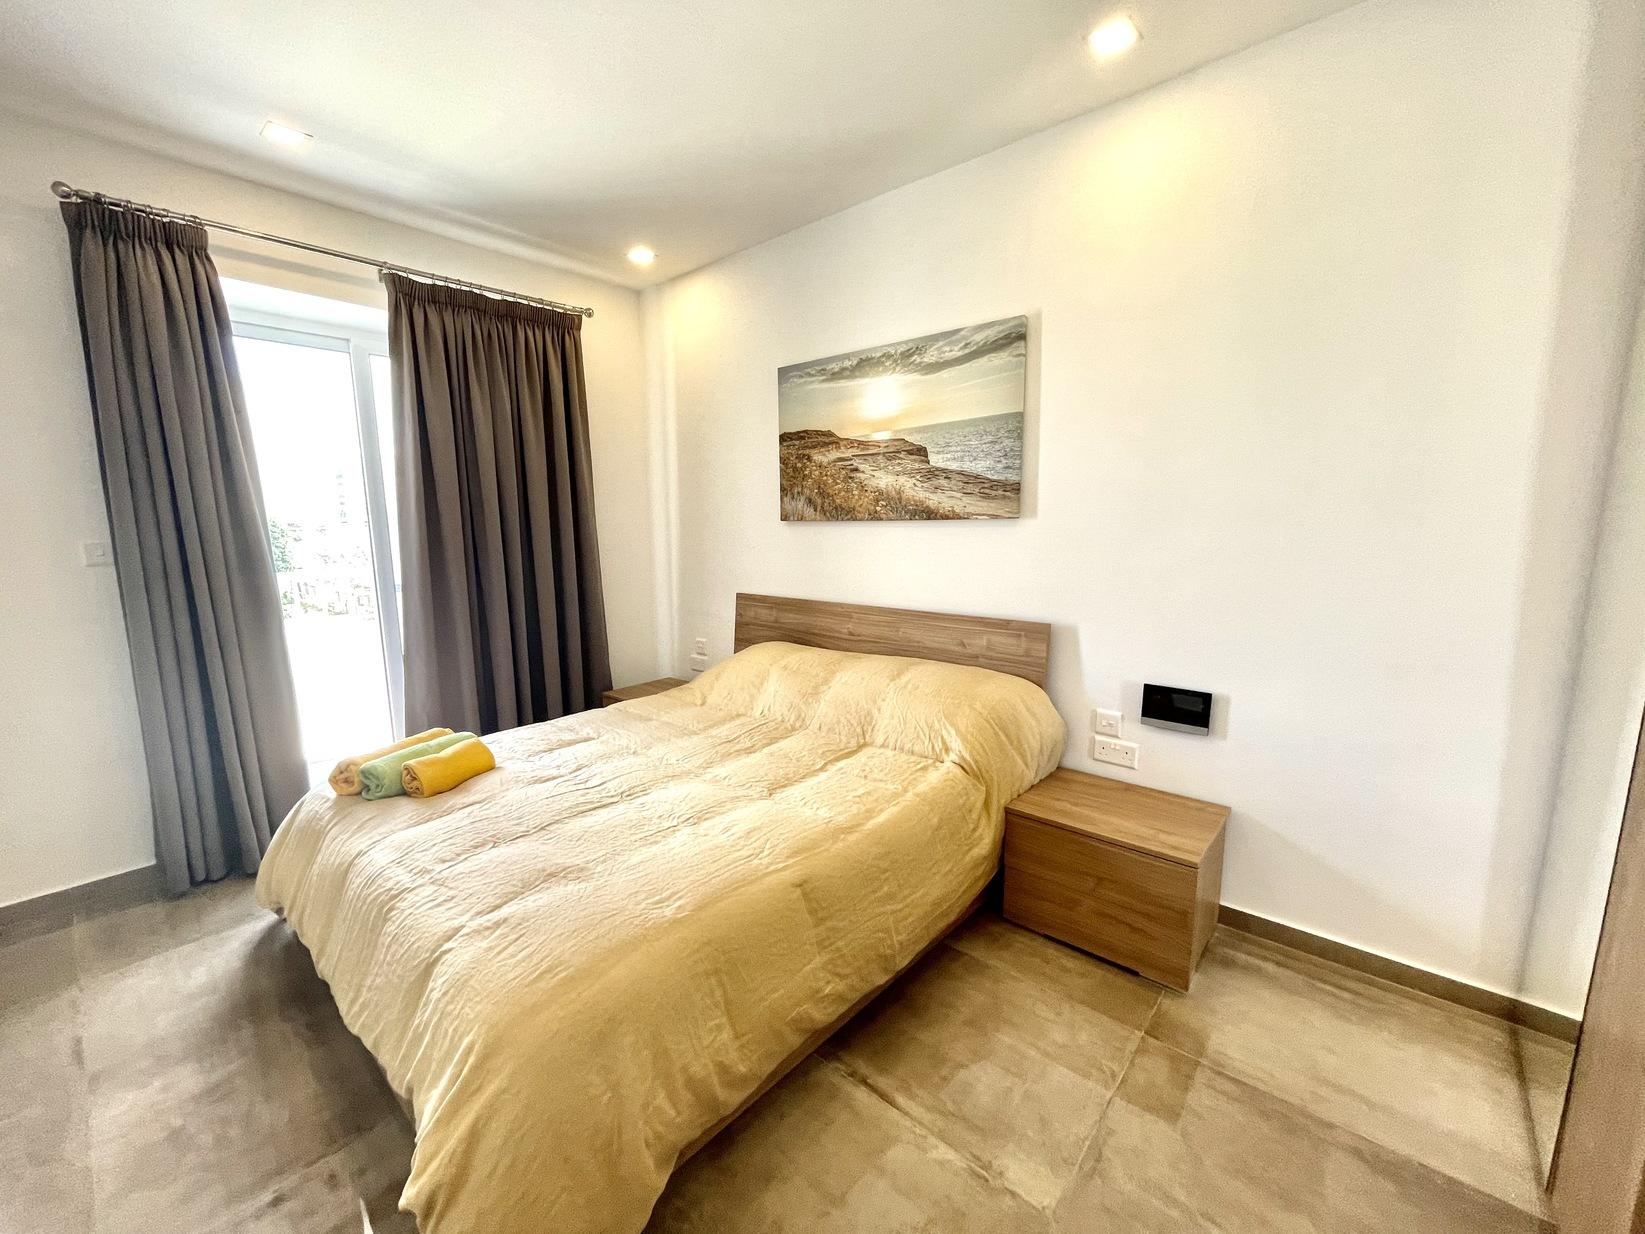 3 bed Apartment For Rent in Pieta, Pieta - thumb 14